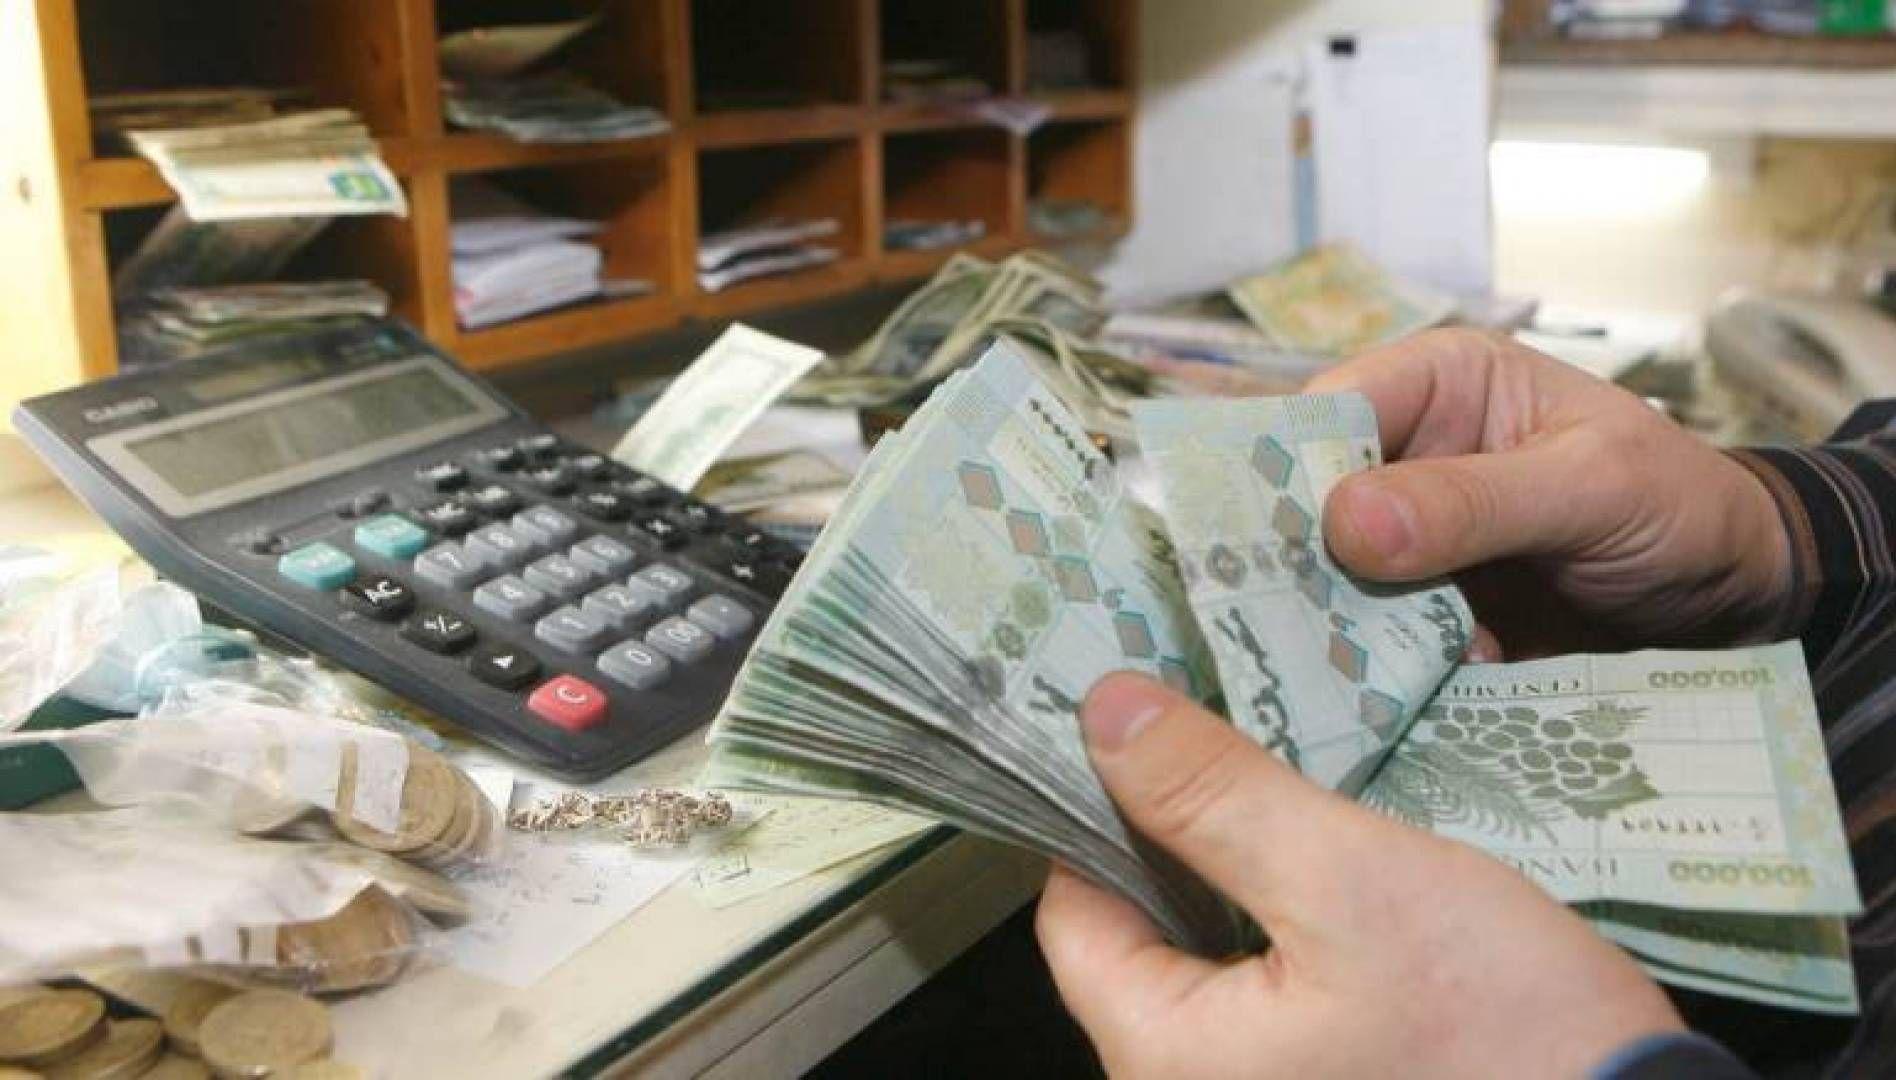 خبر سار للبنانيين توقعات بإعادة إطلاق القروض السكني ة اليوم Us Dollars Money Personalized Items